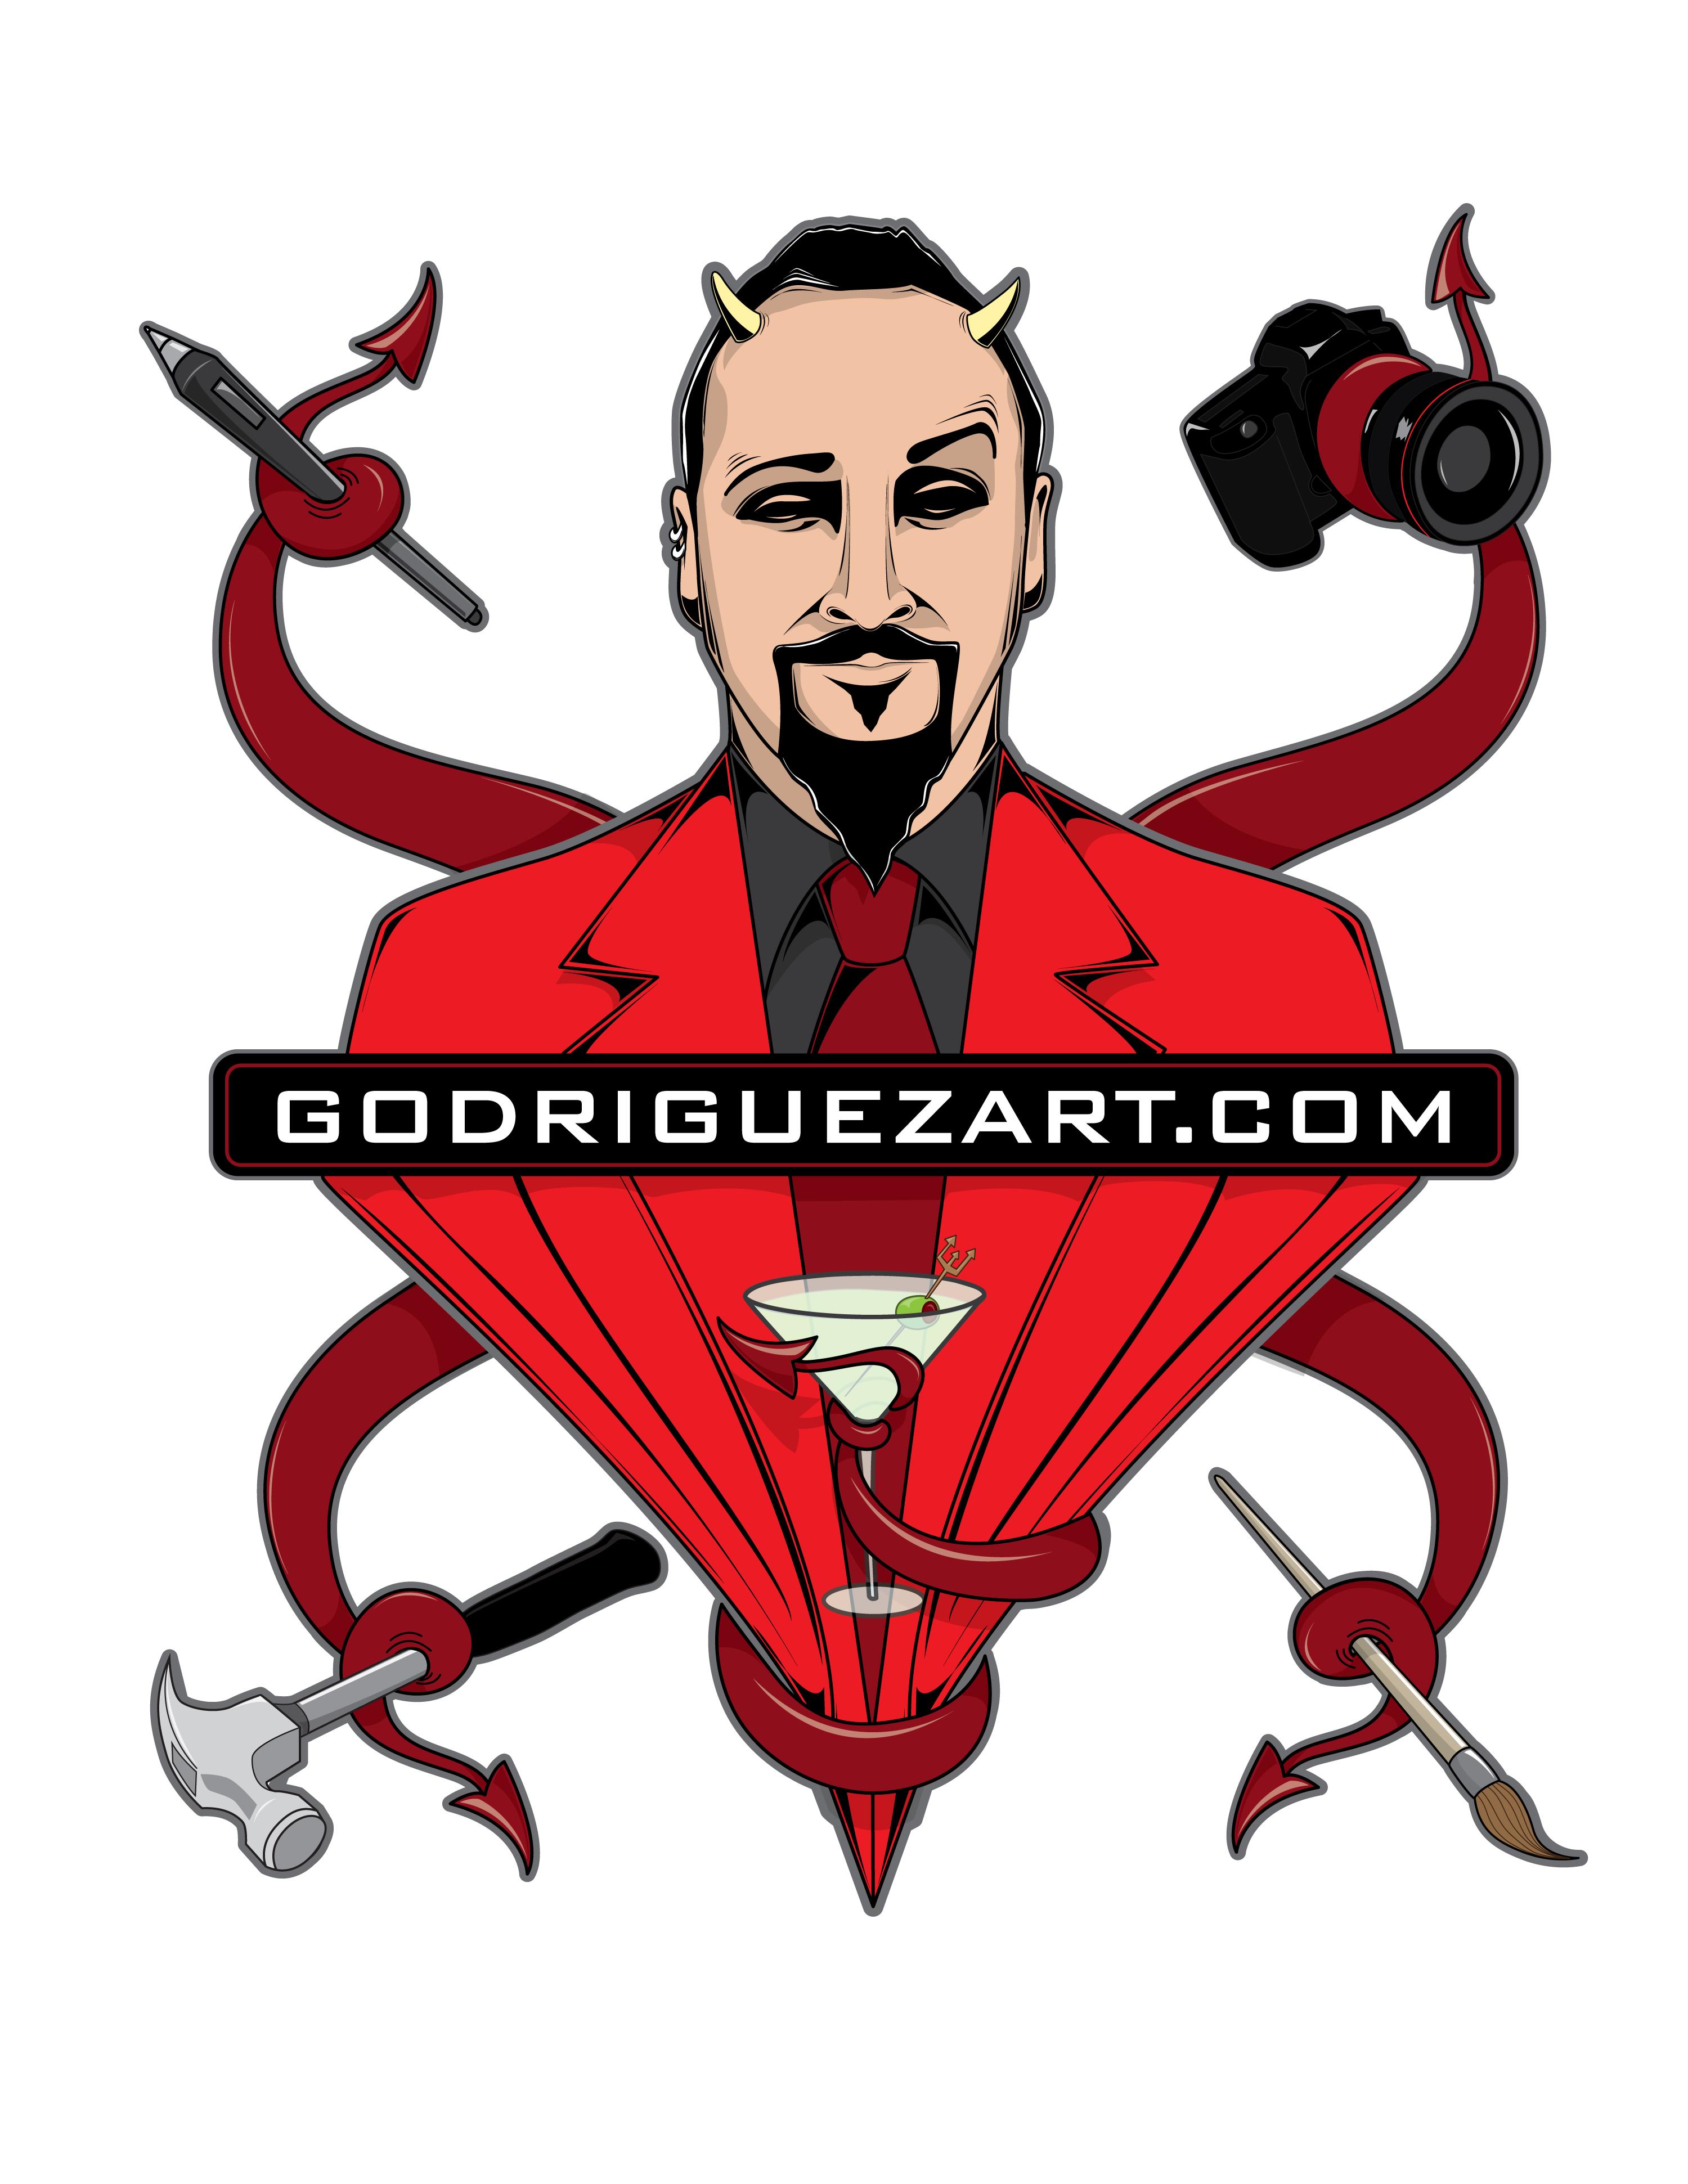 godriguezart.com devil logo